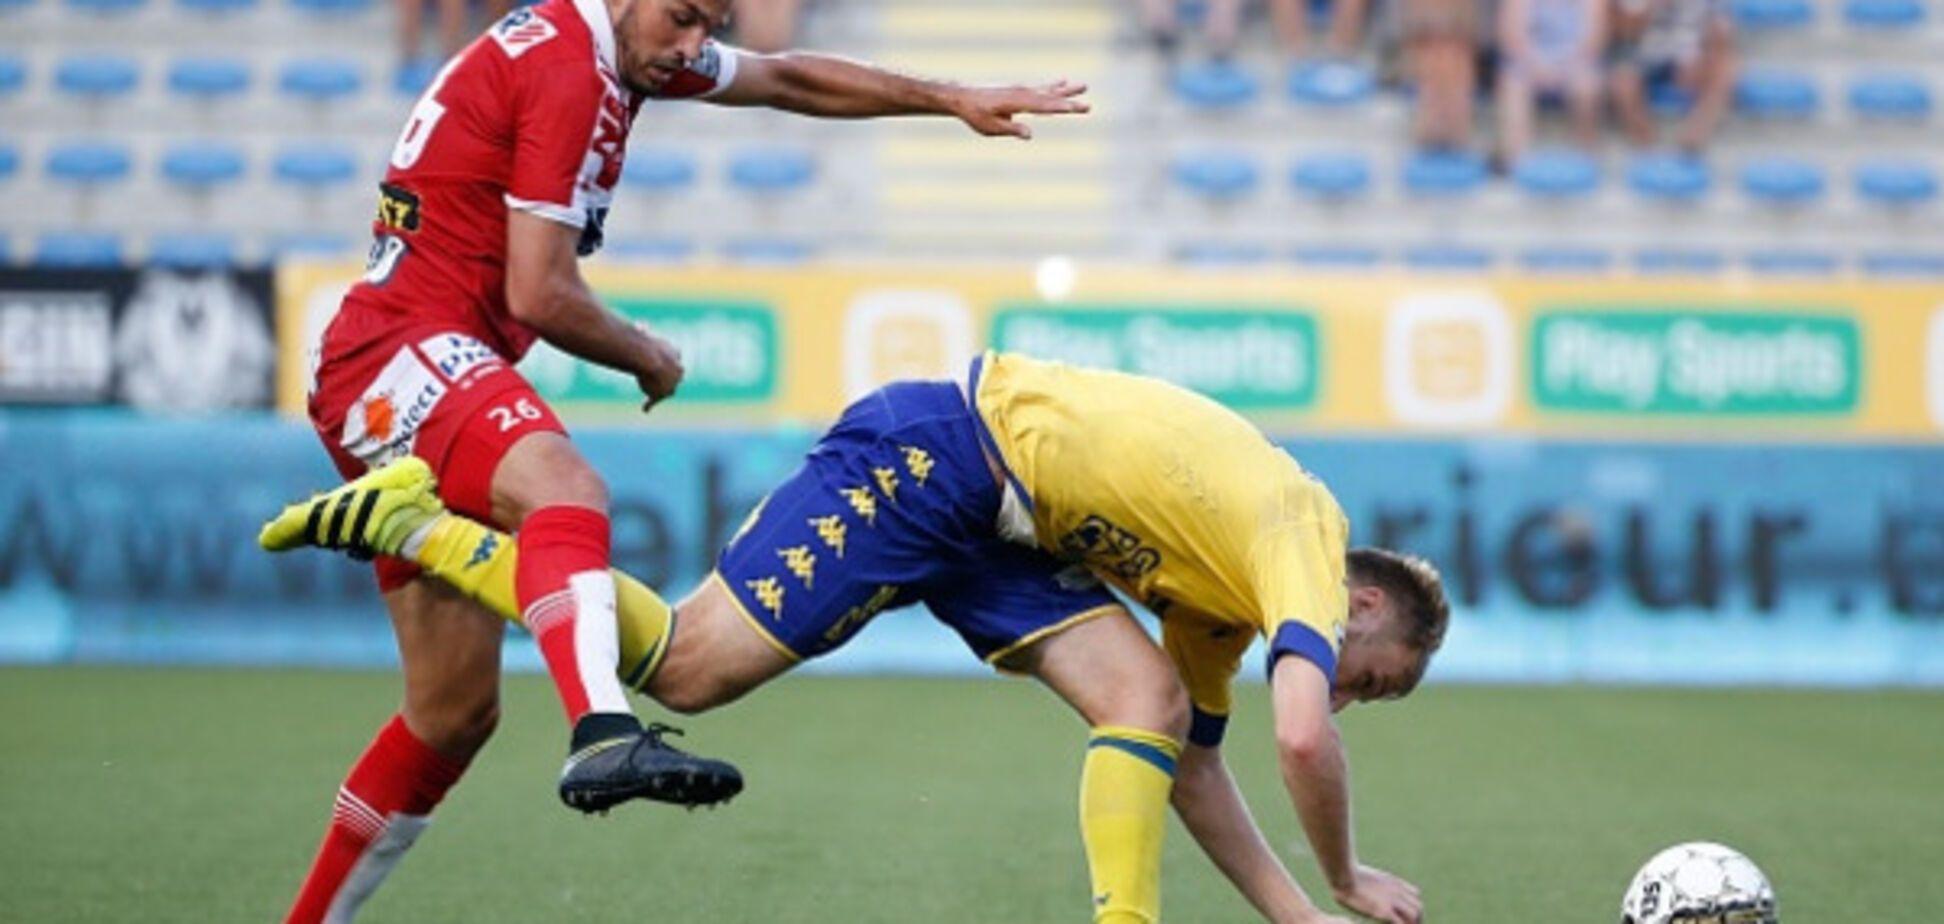 Футболисту сборной Украины едва не сломали ногу во время матча: видеофакт